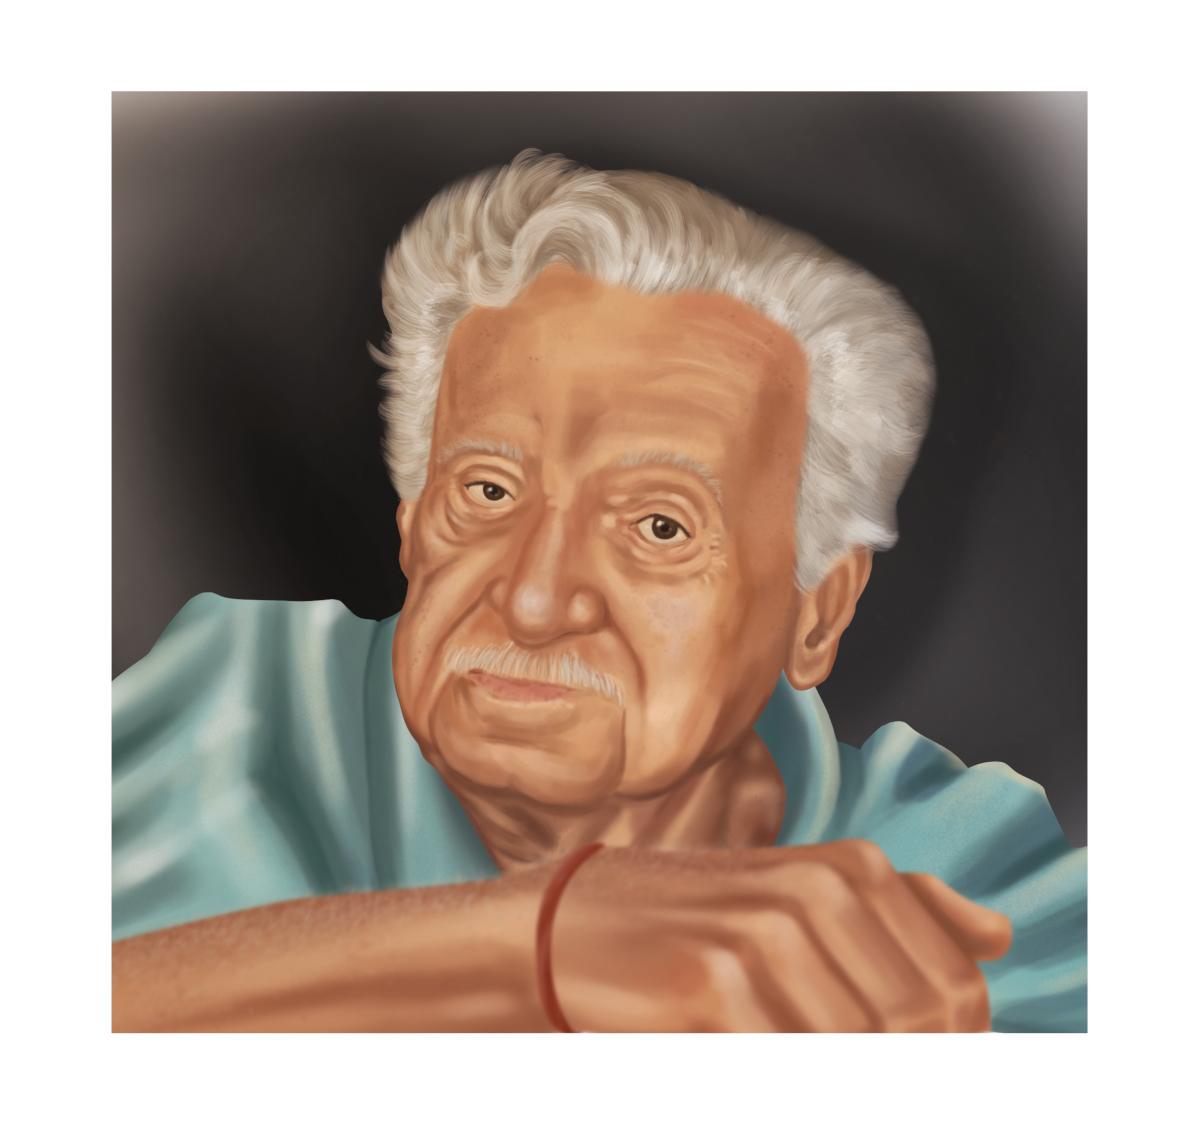 ciencia historia literatura Personalidades pintura digital portrait retrato